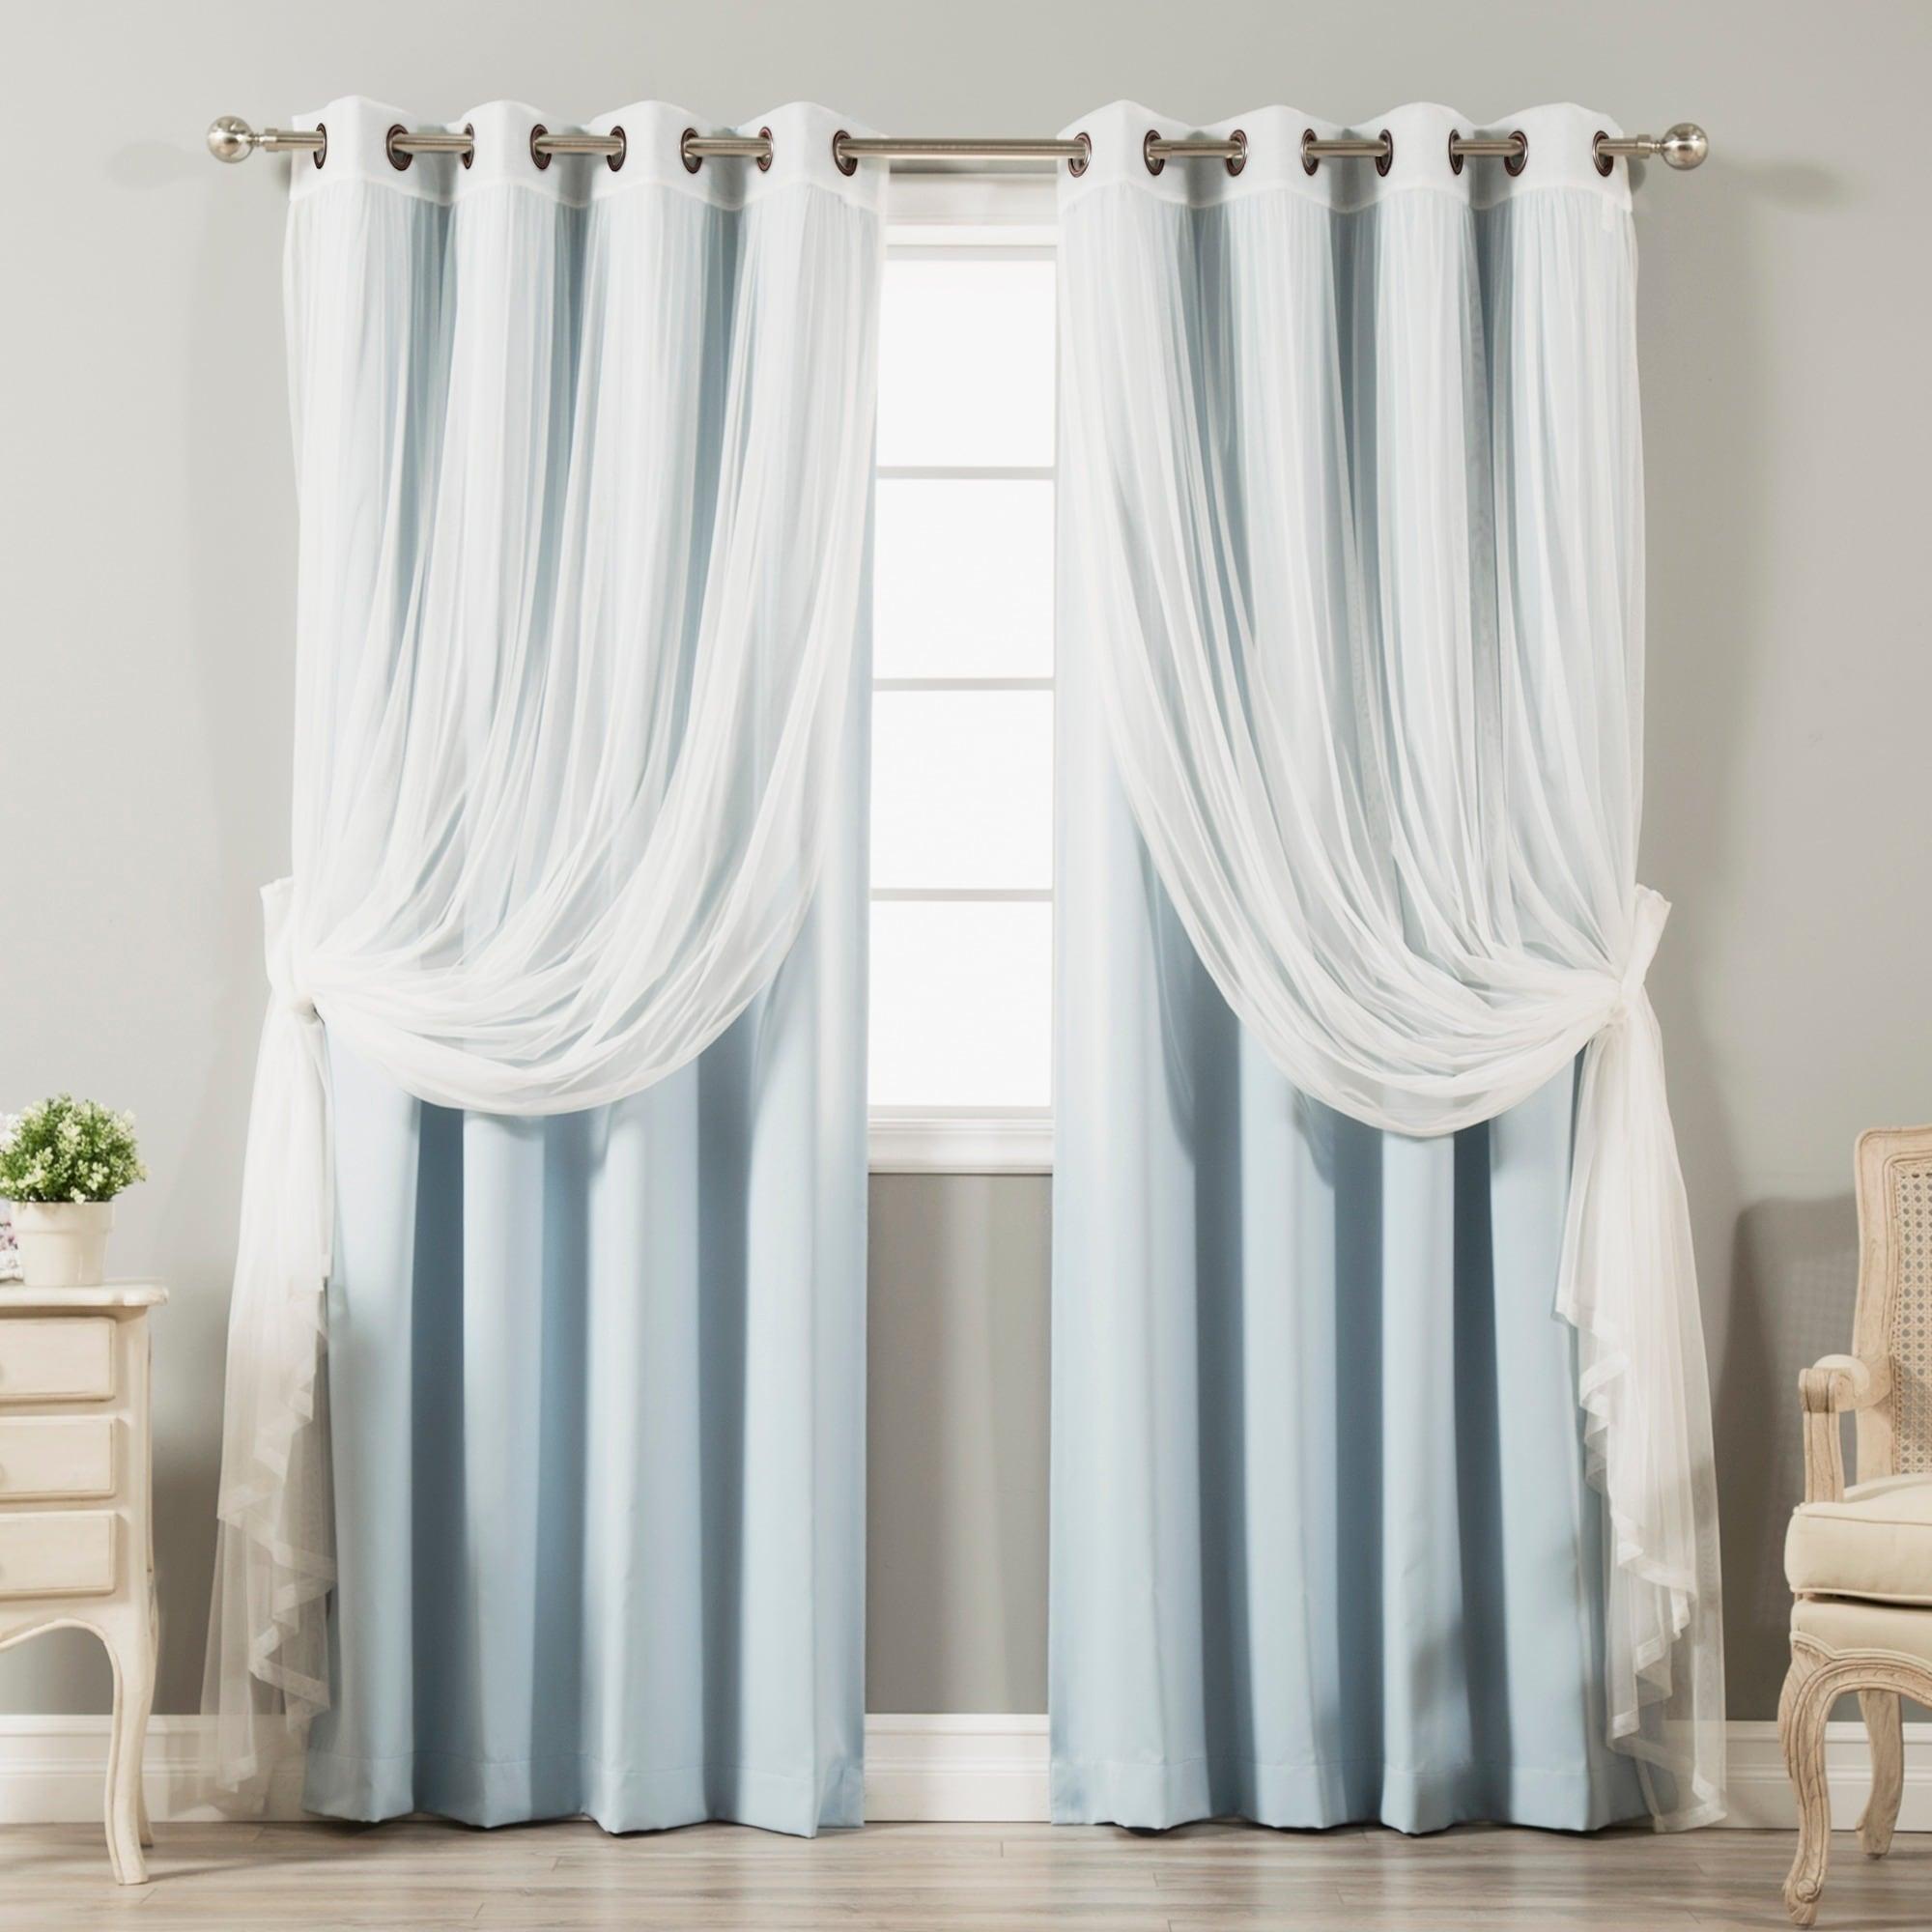 Aurora Home Mix U0026 Match Blackout Tulle Lace Bronze Grommet 4 Piece Curtain  Panel Set